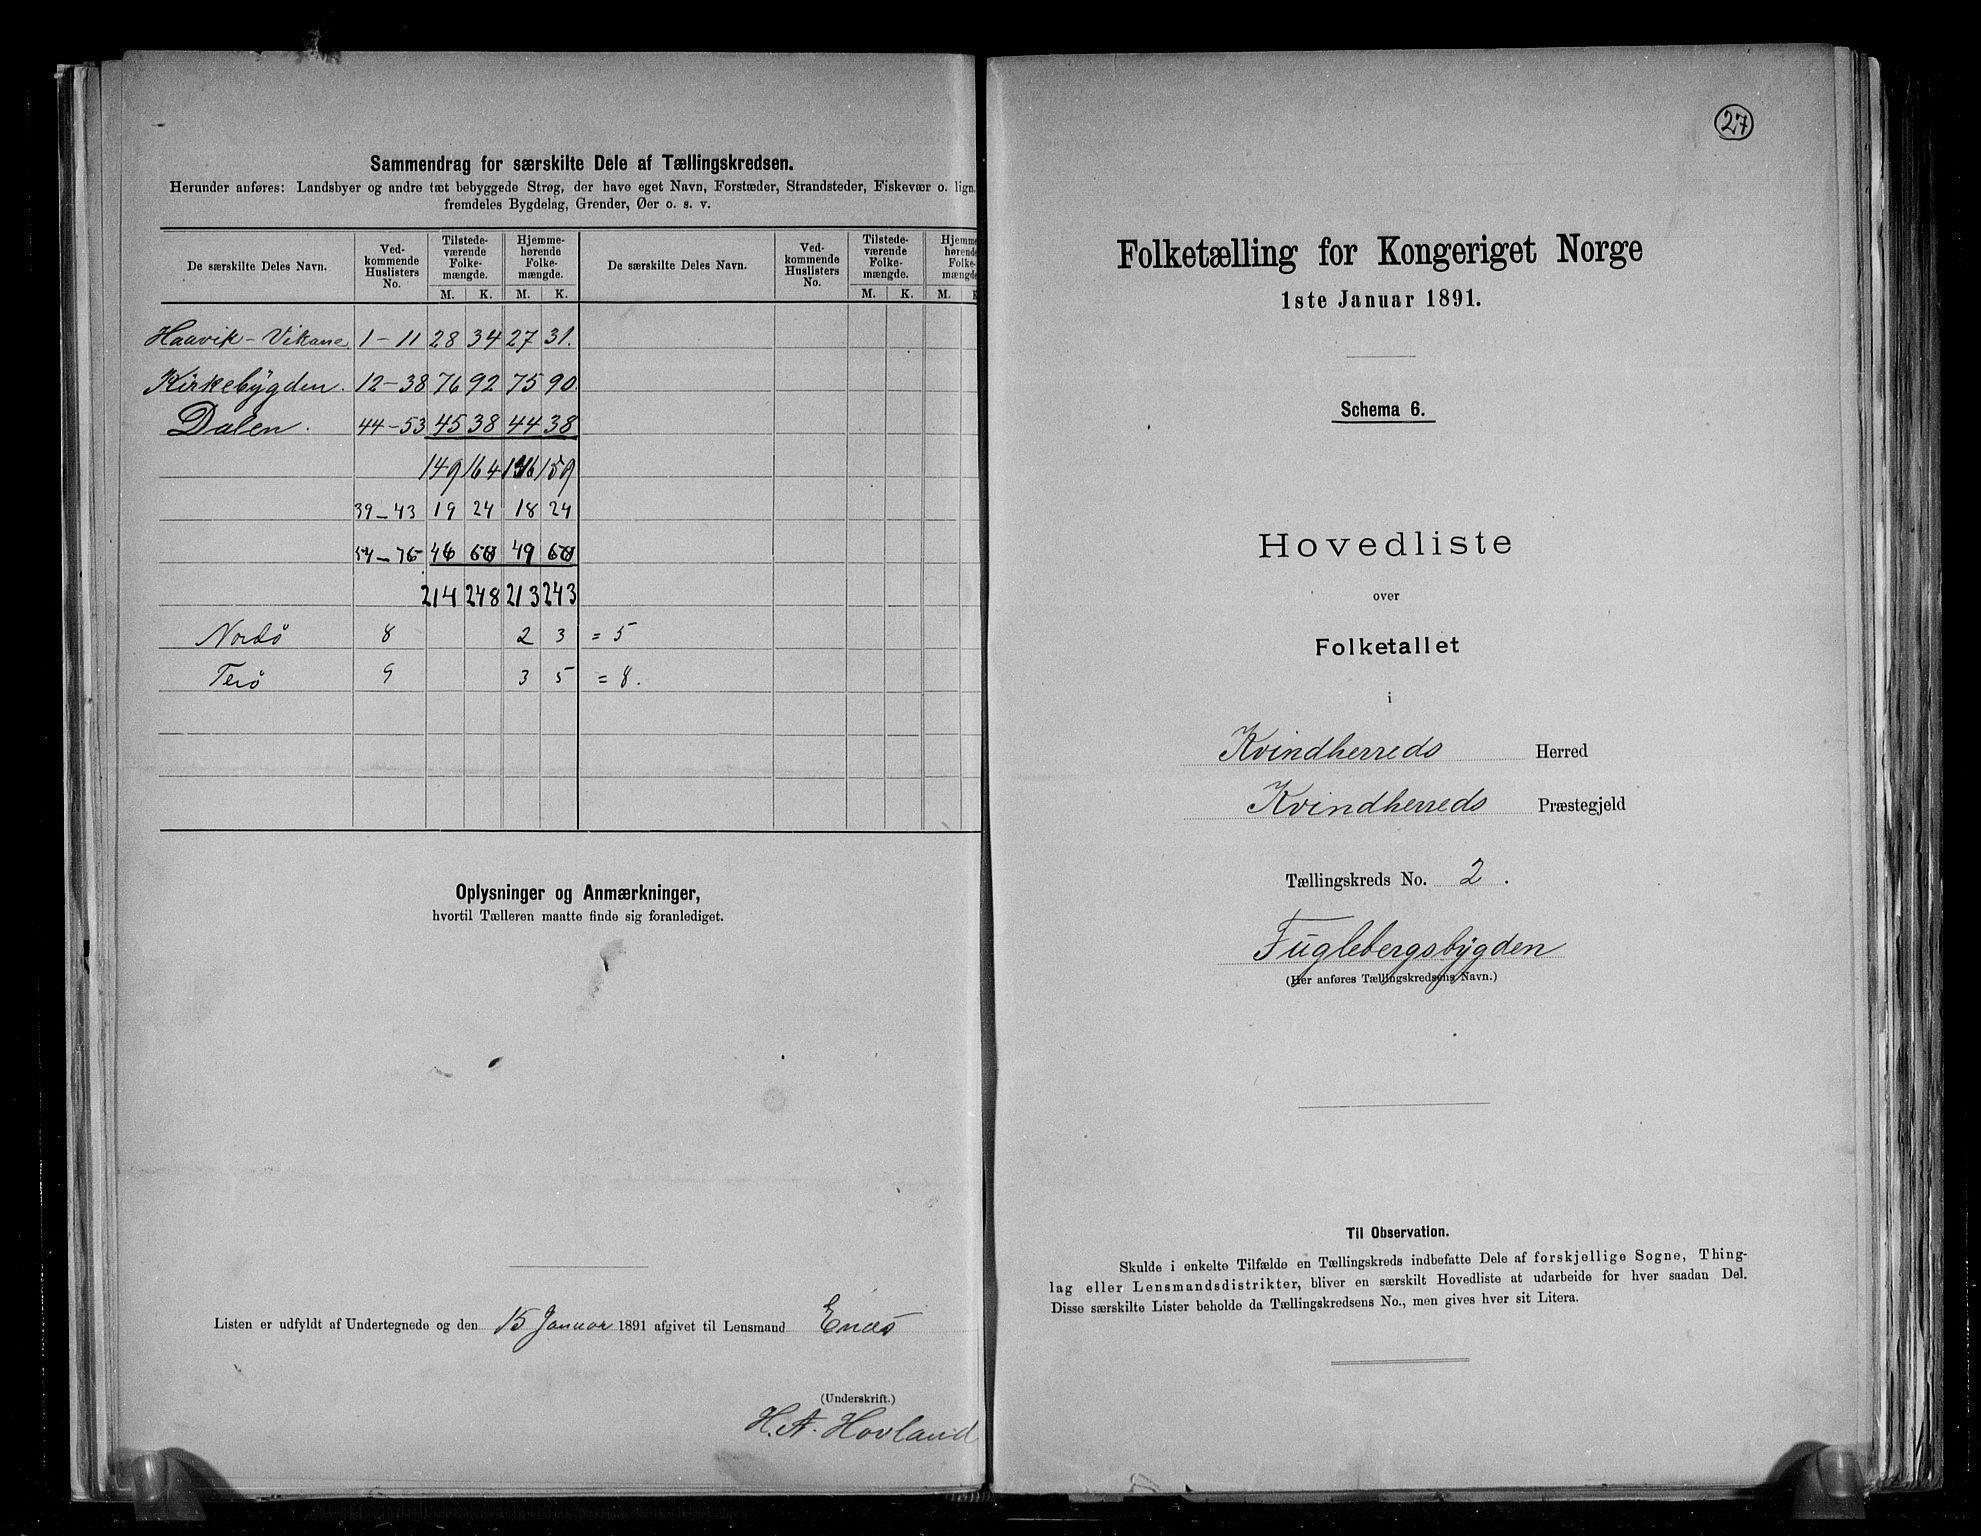 RA, Folketelling 1891 for 1224 Kvinnherad herred, 1891, s. 7